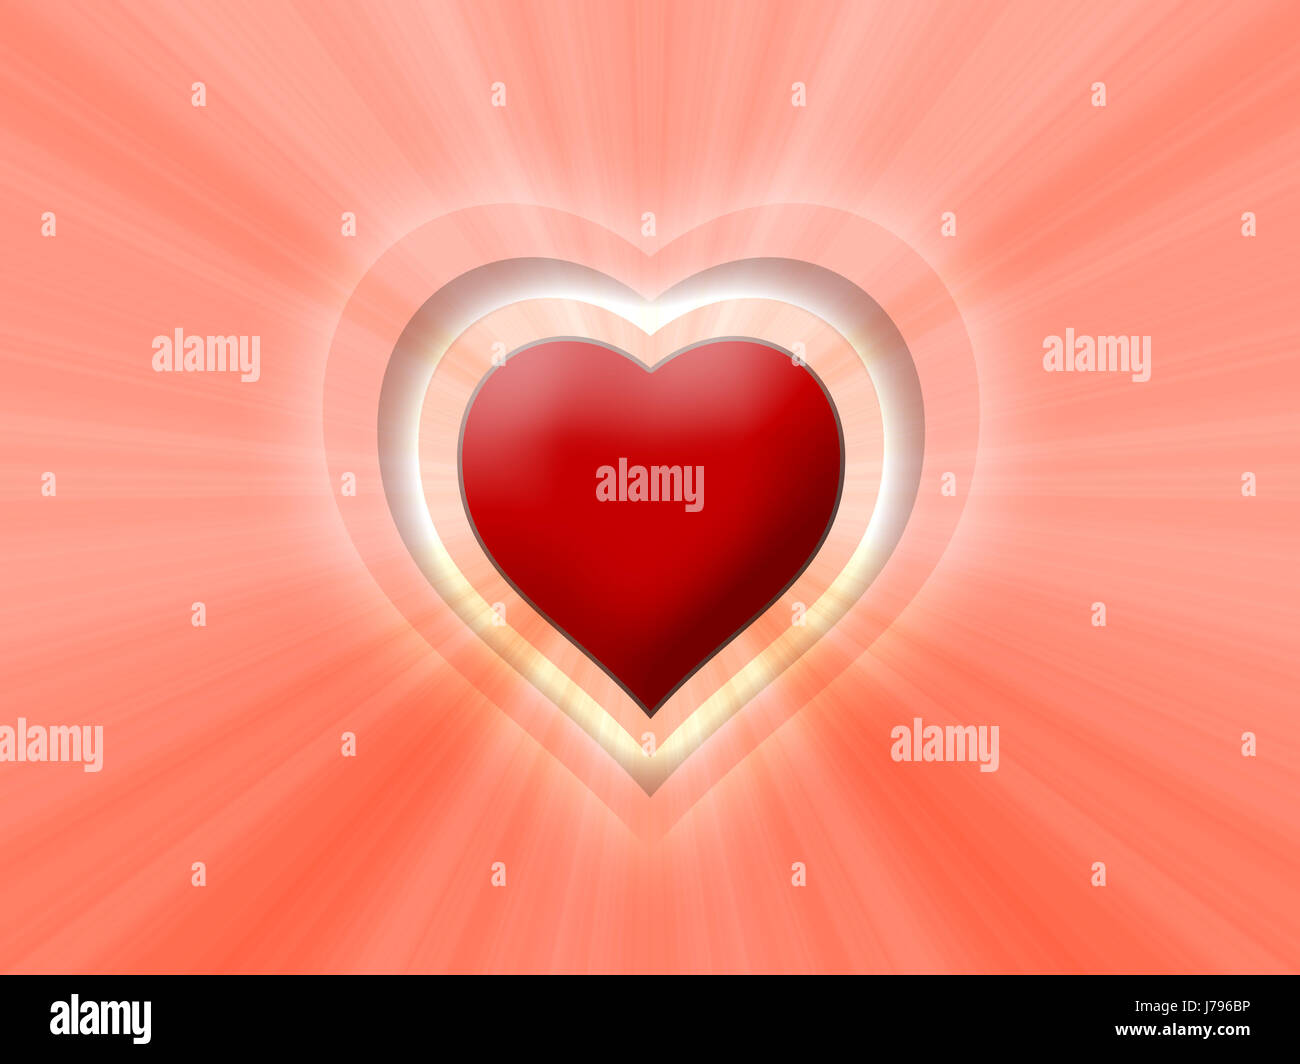 heart light 07 - Stock Image